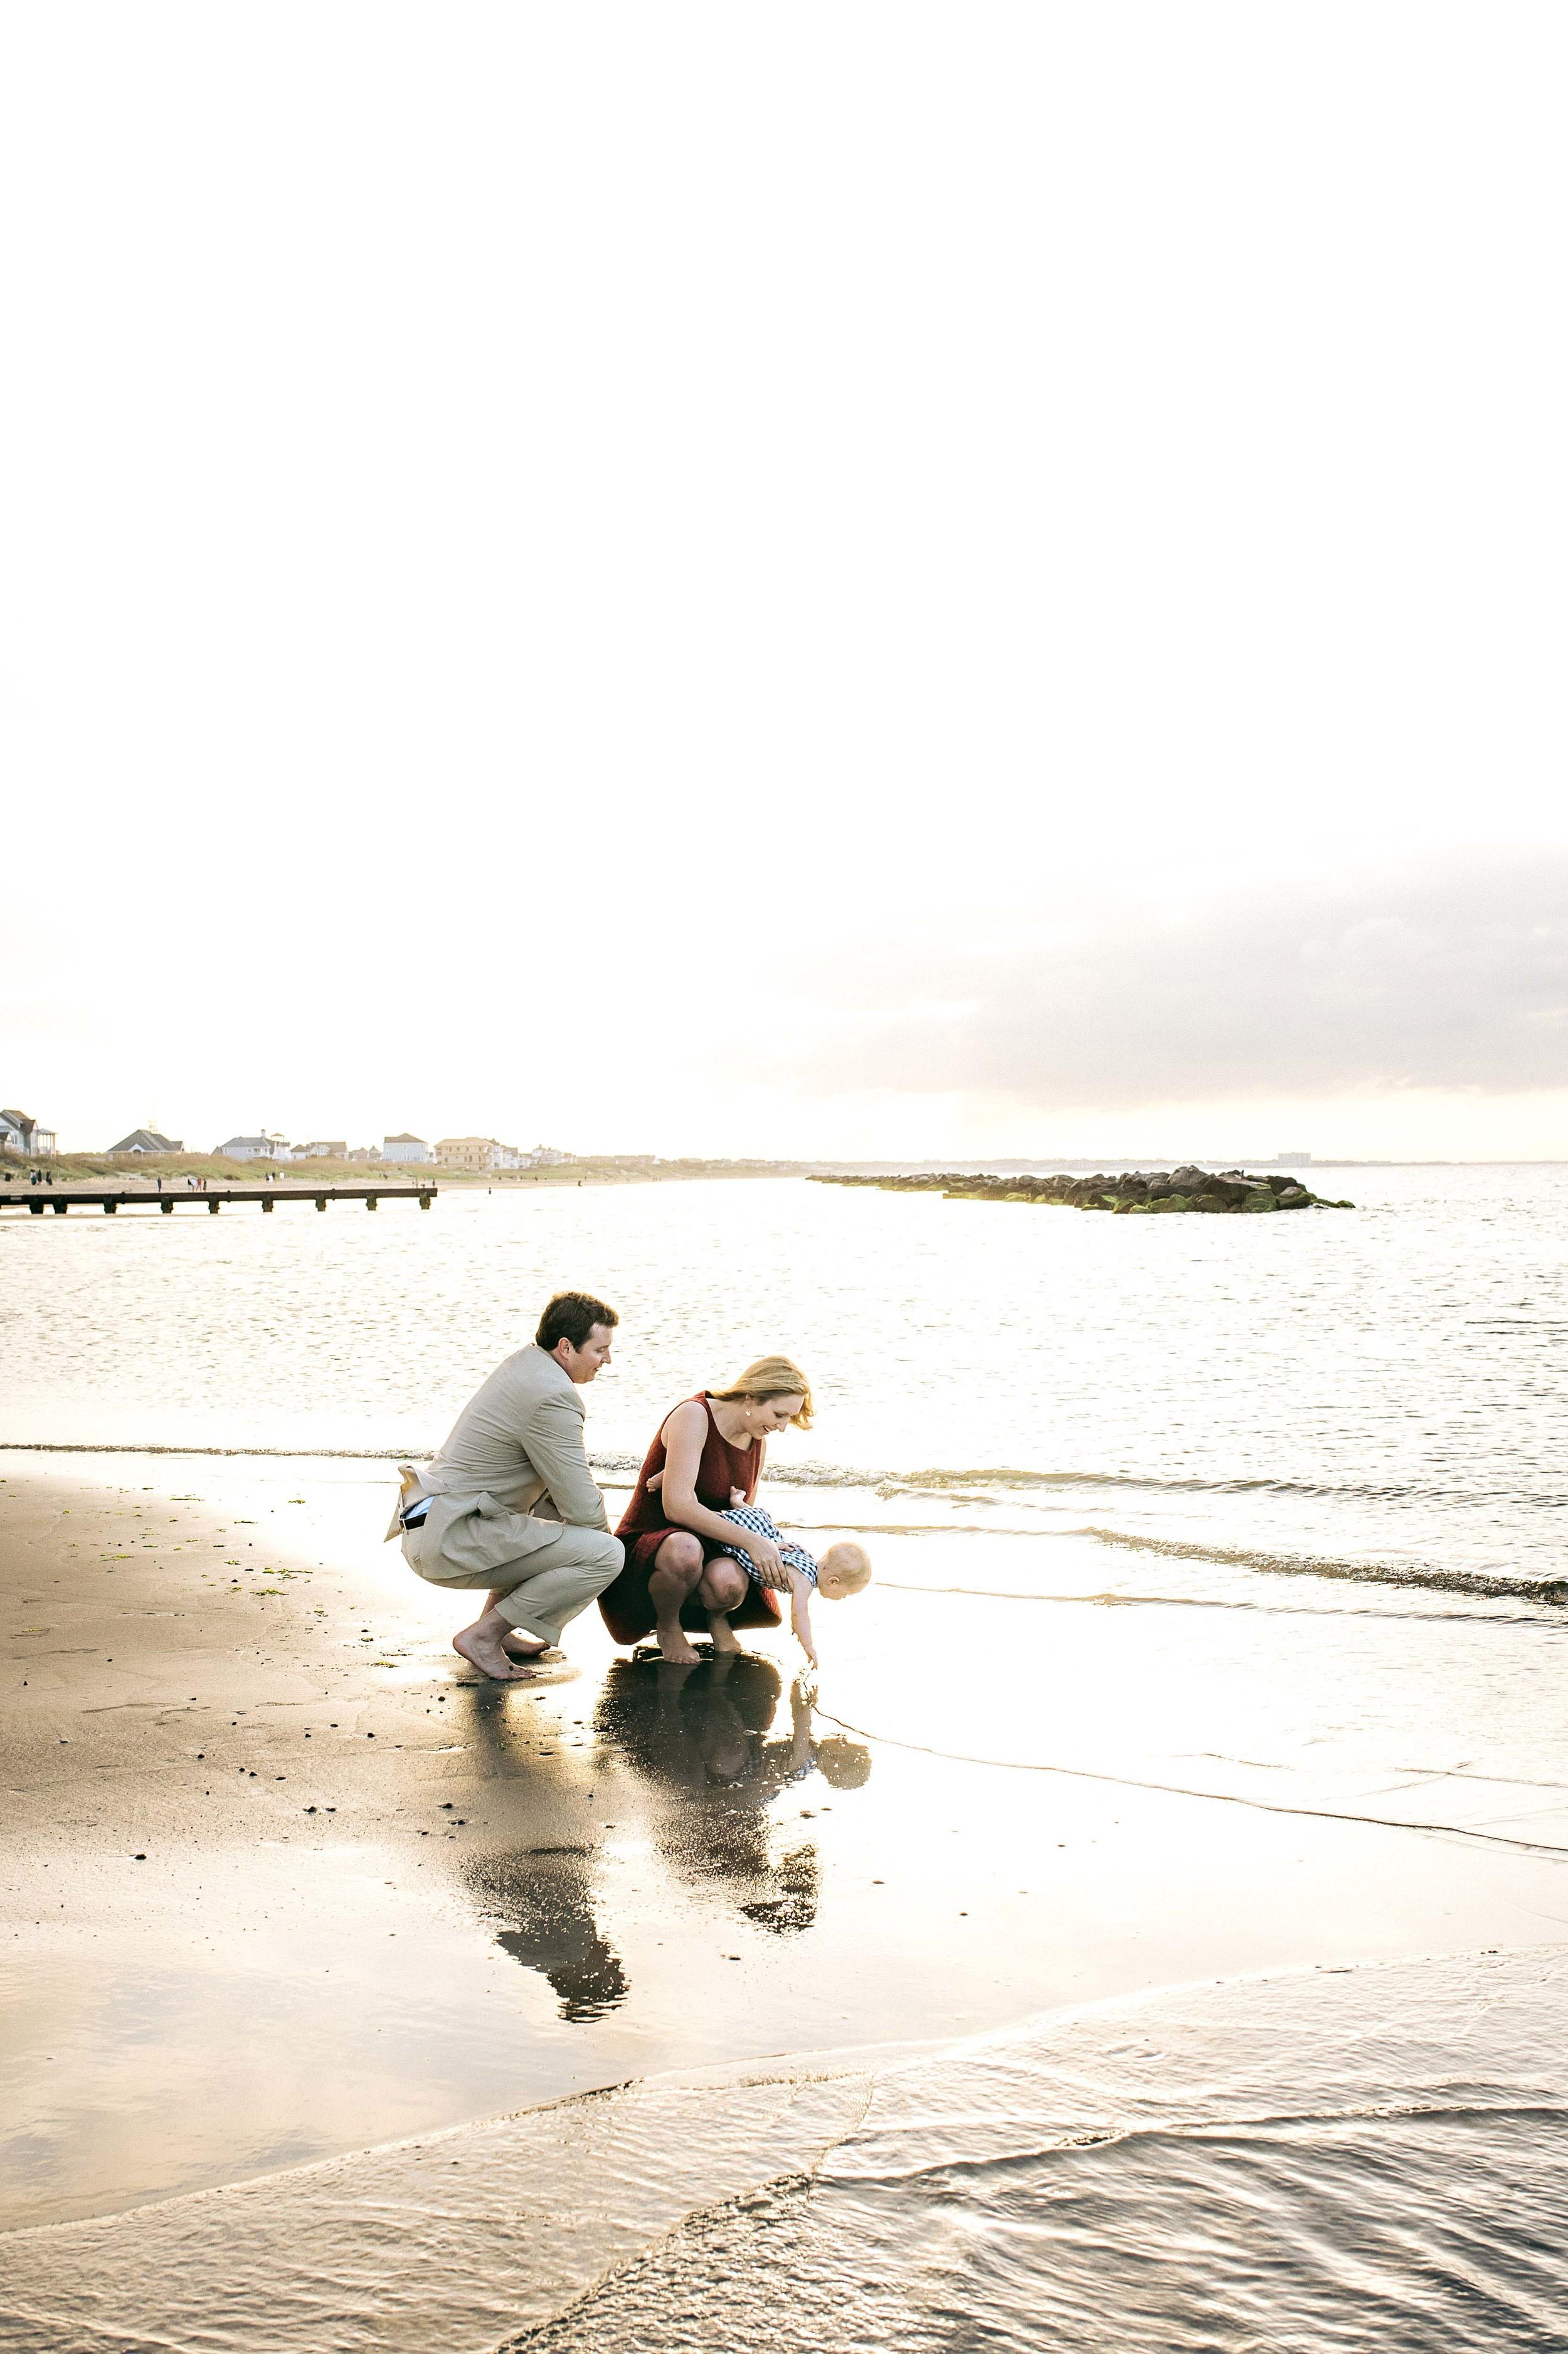 melissa-bliss-photography-family-beach-session-east-beach-norfolk-virginia-beach-photographers